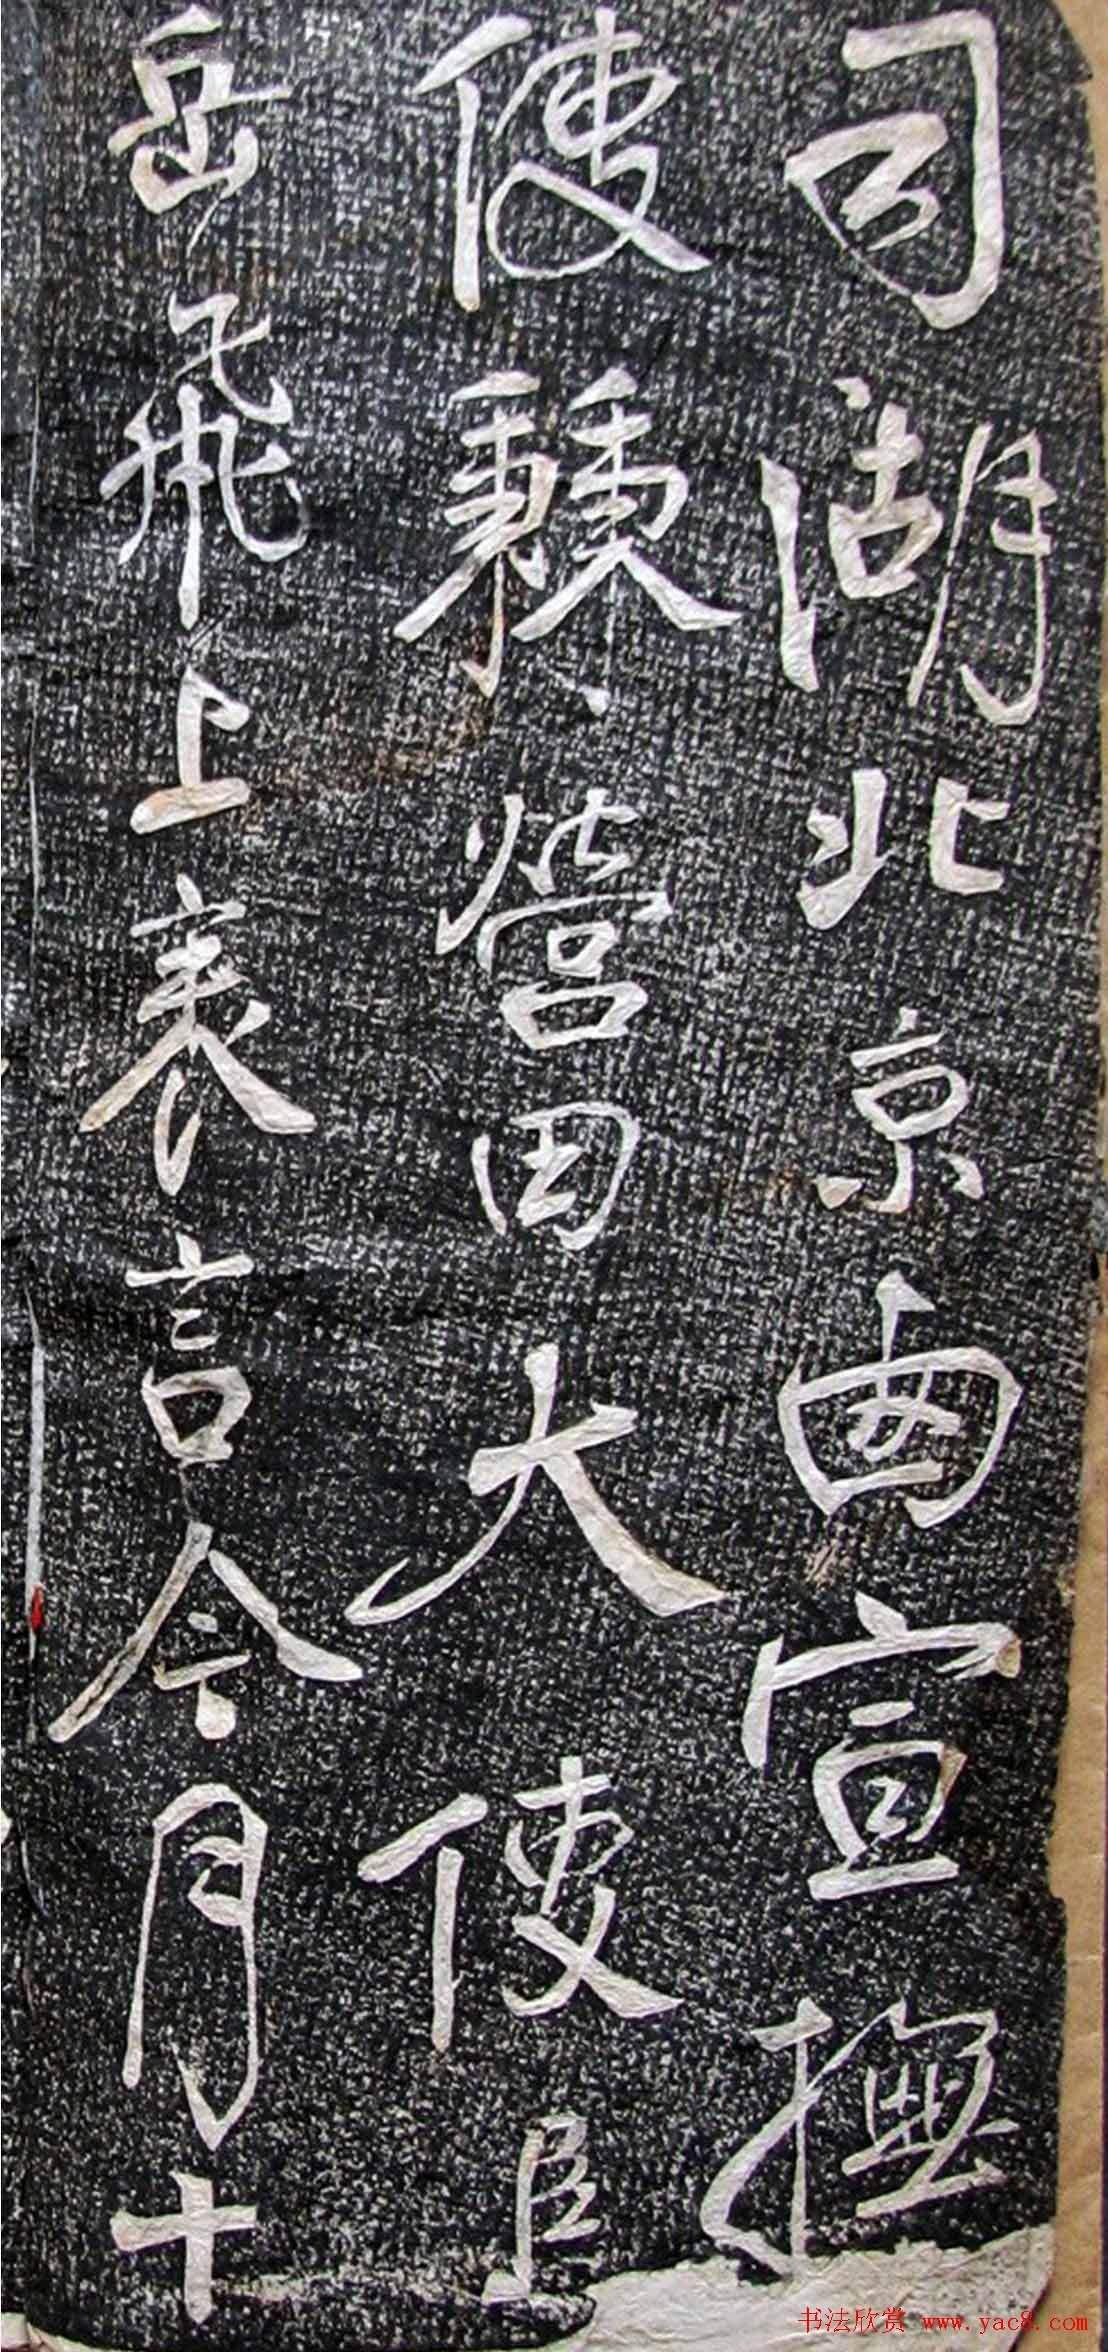 岳飛書法墨跡字帖《謝講和赦表》拓本(共5張圖片)